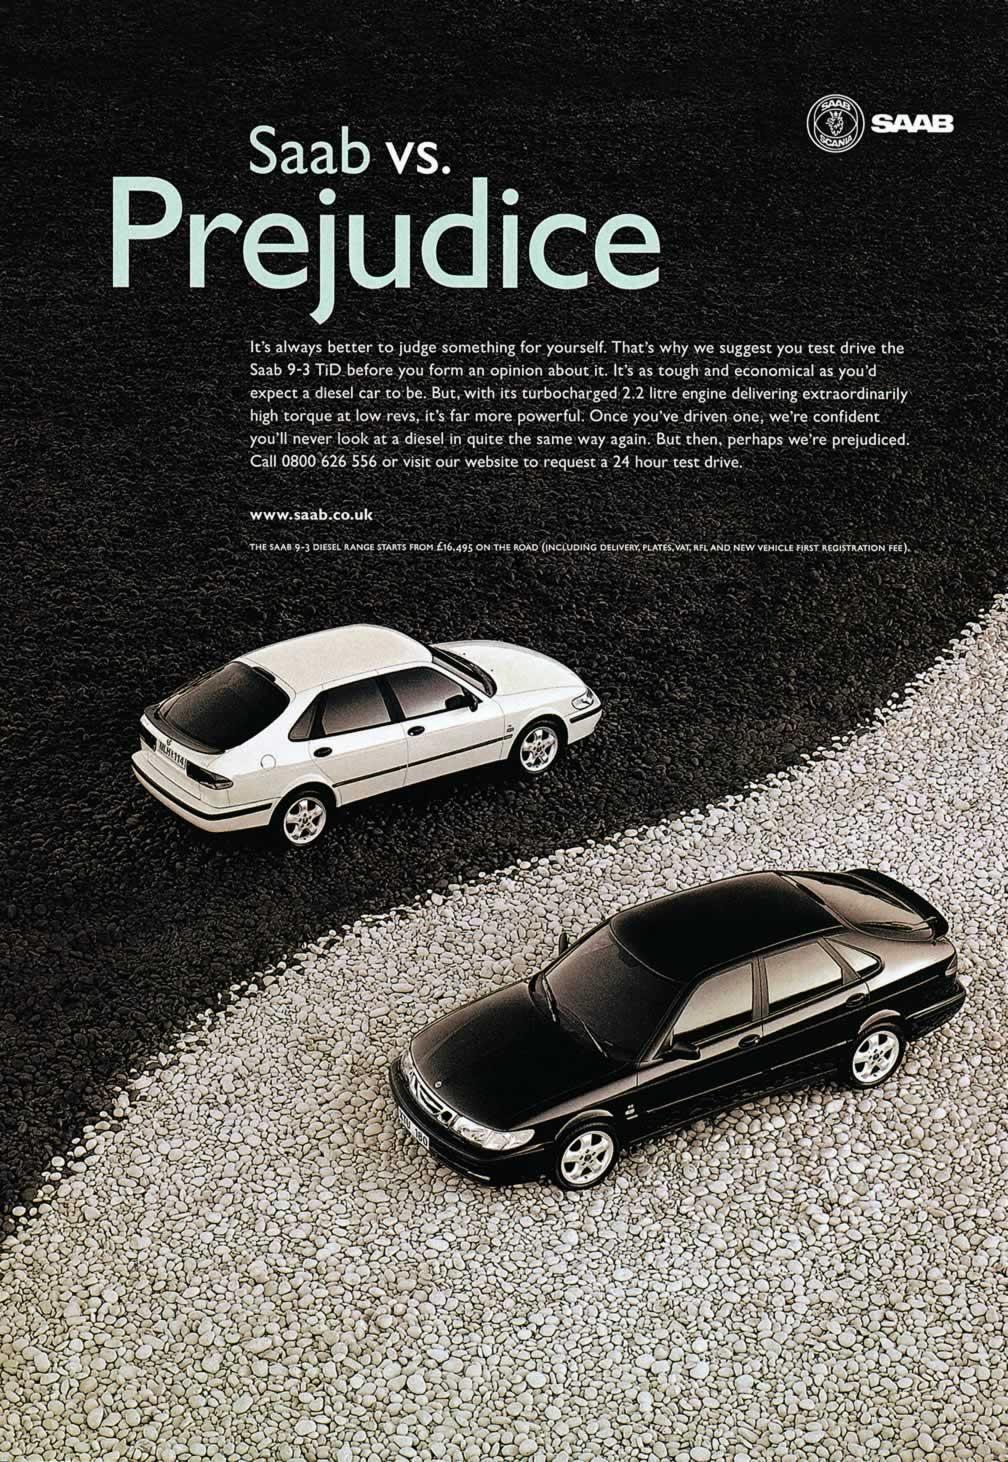 世界优秀广告欣赏-创意宝典—精品分享-设计案例图片